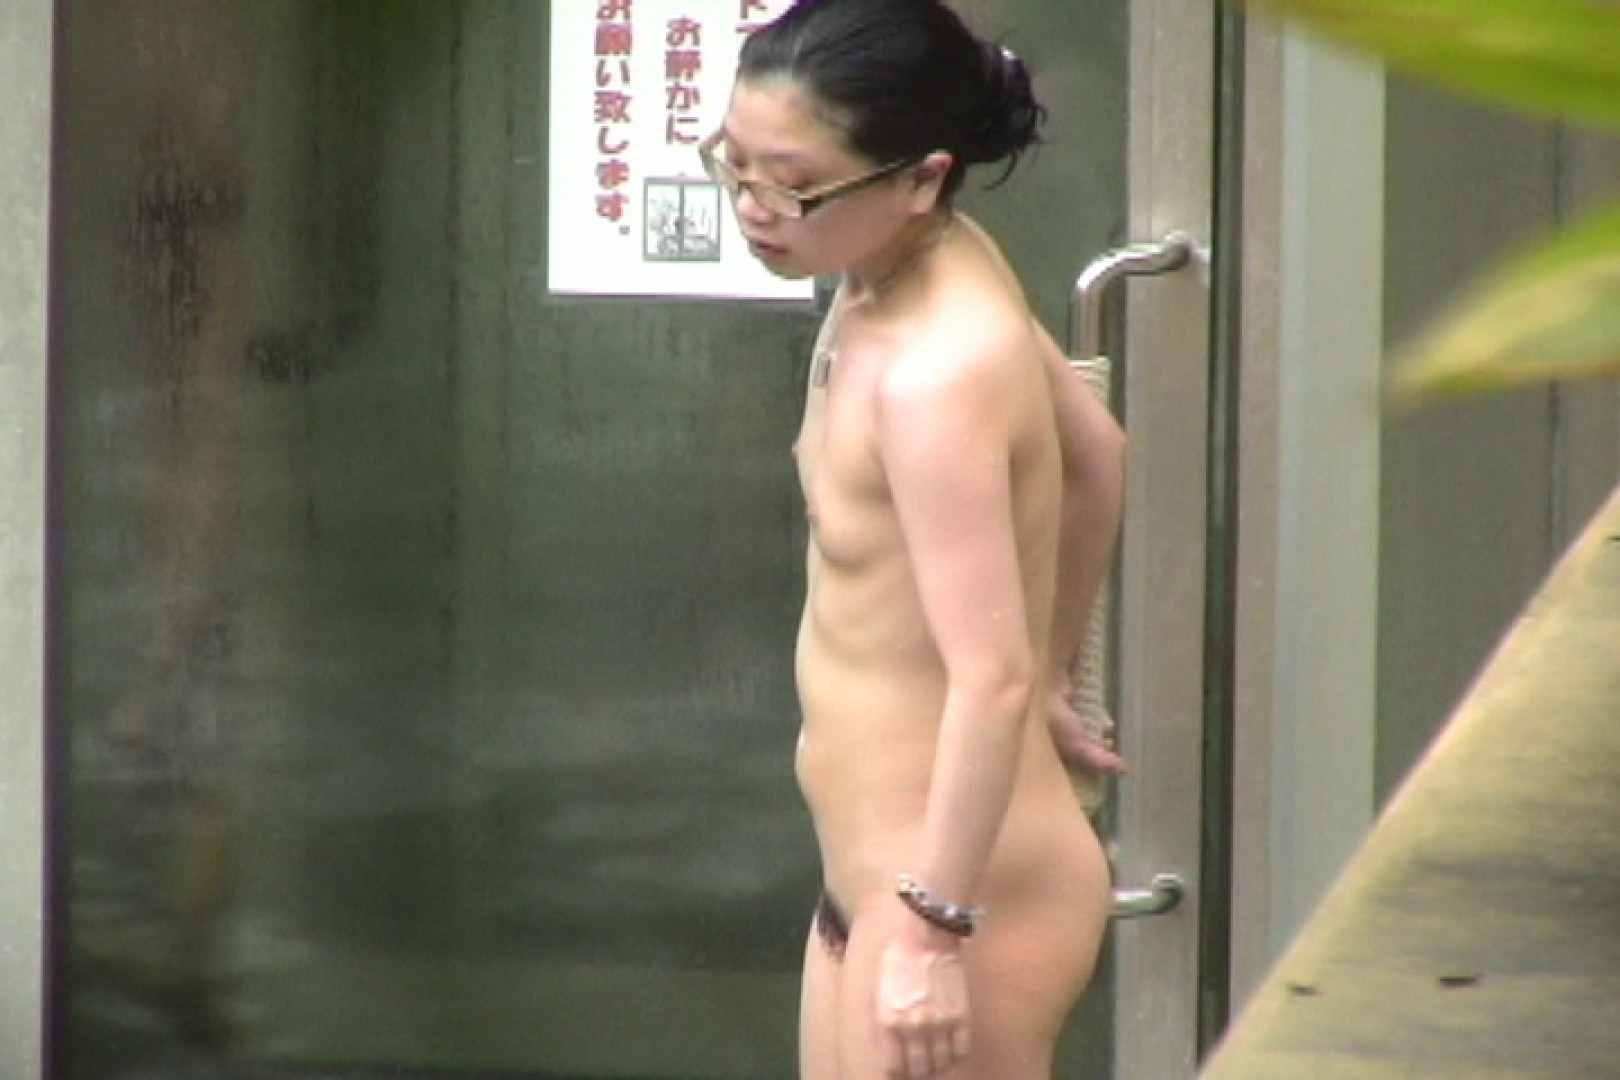 Aquaな露天風呂Vol.700 盗撮シリーズ  97PIX 26